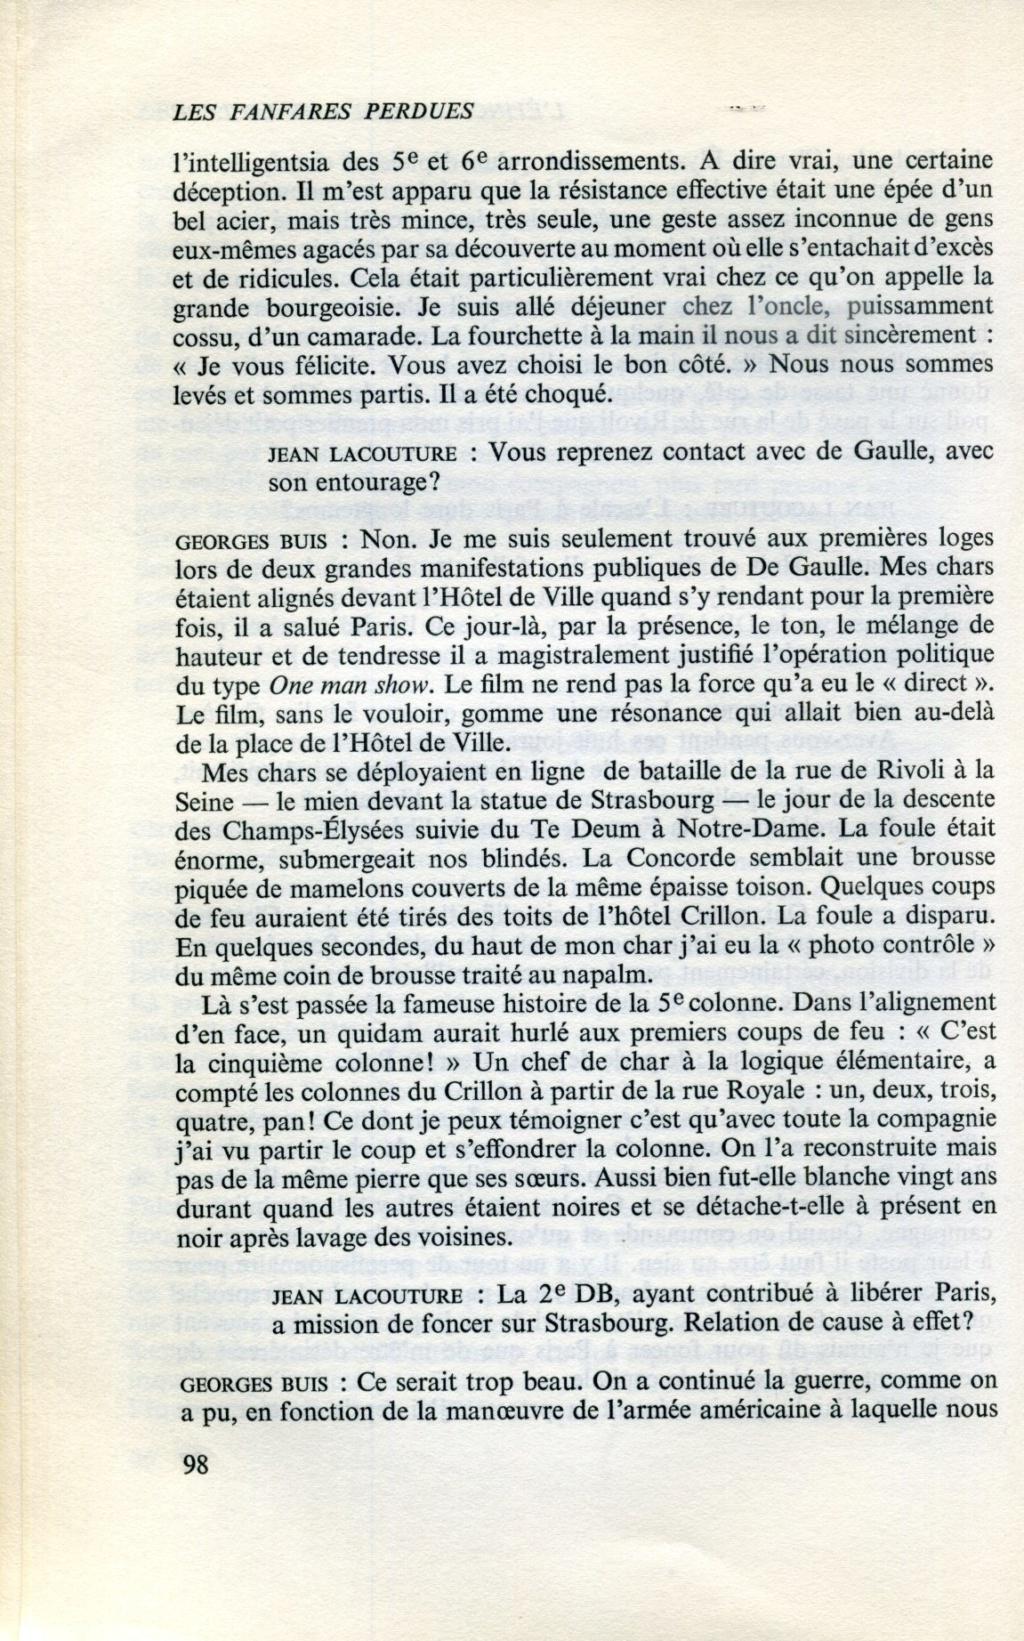 Georges Buis les fanfares perdues Les_fa26